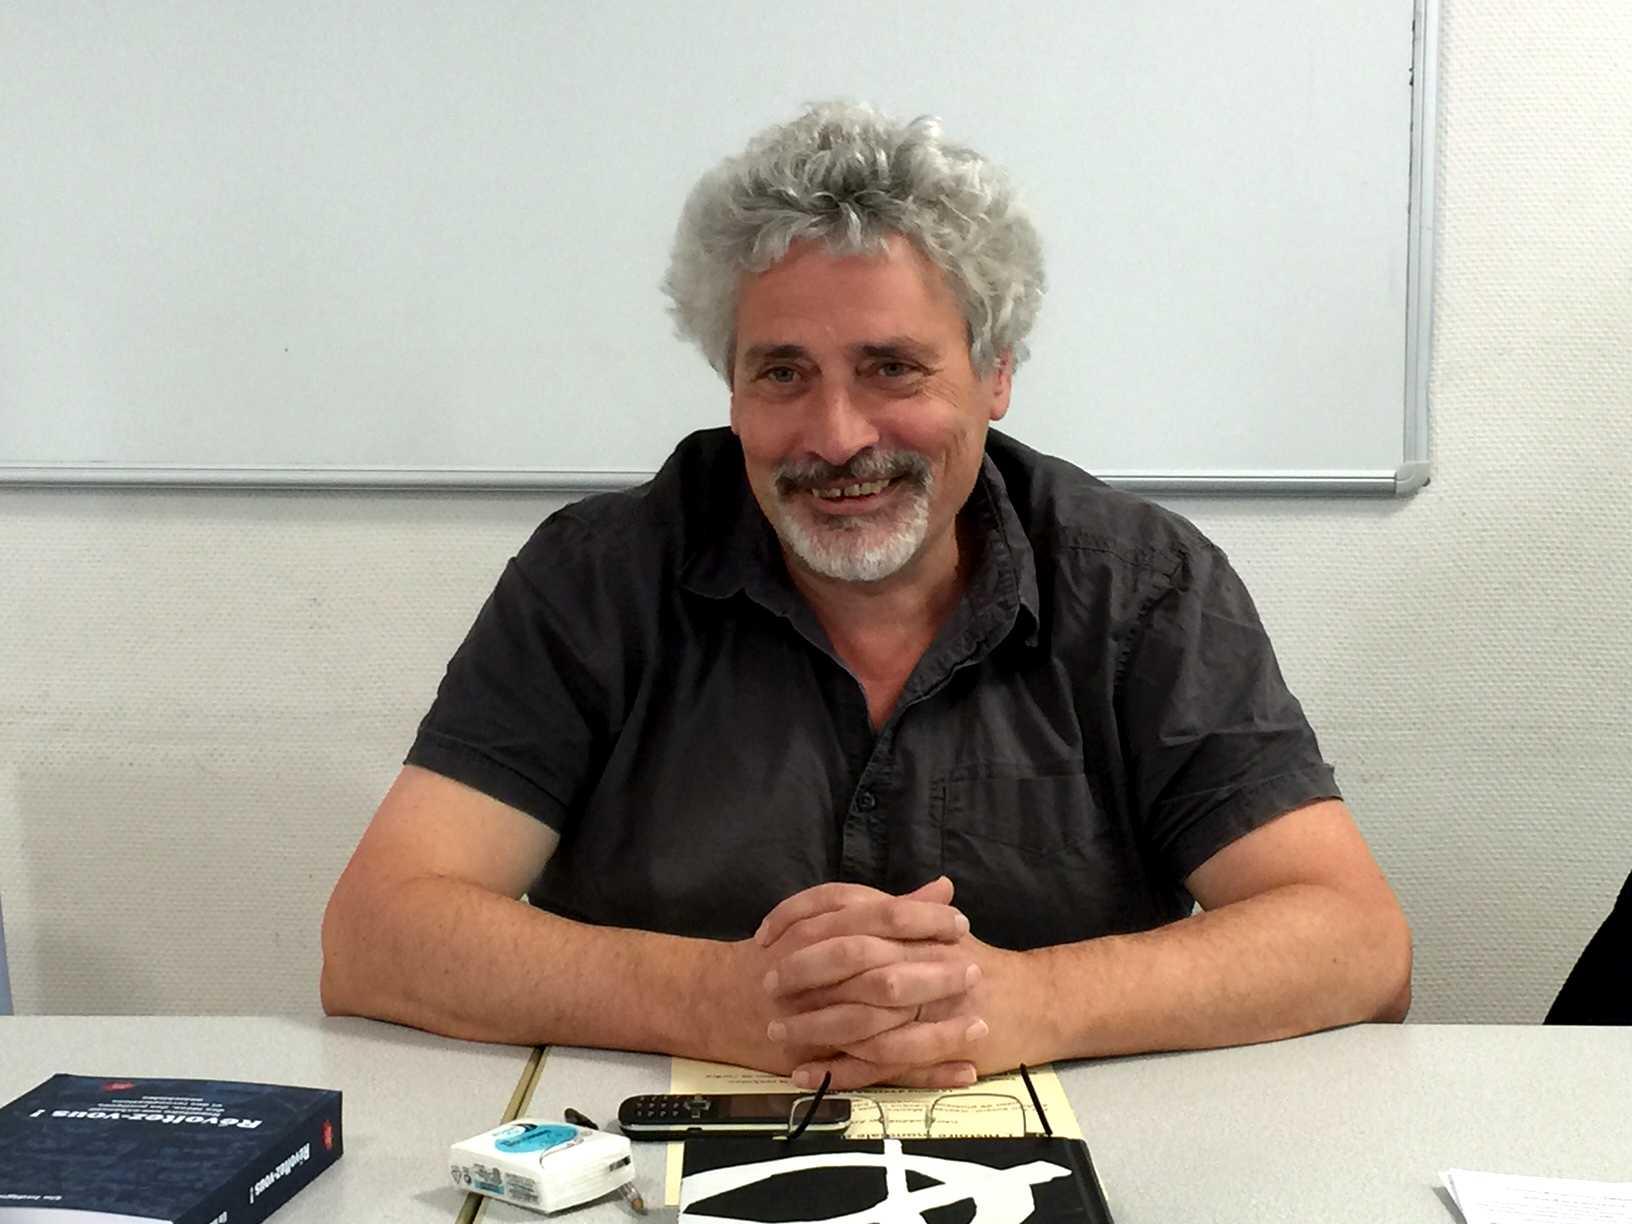 Gaetano Manfredonia